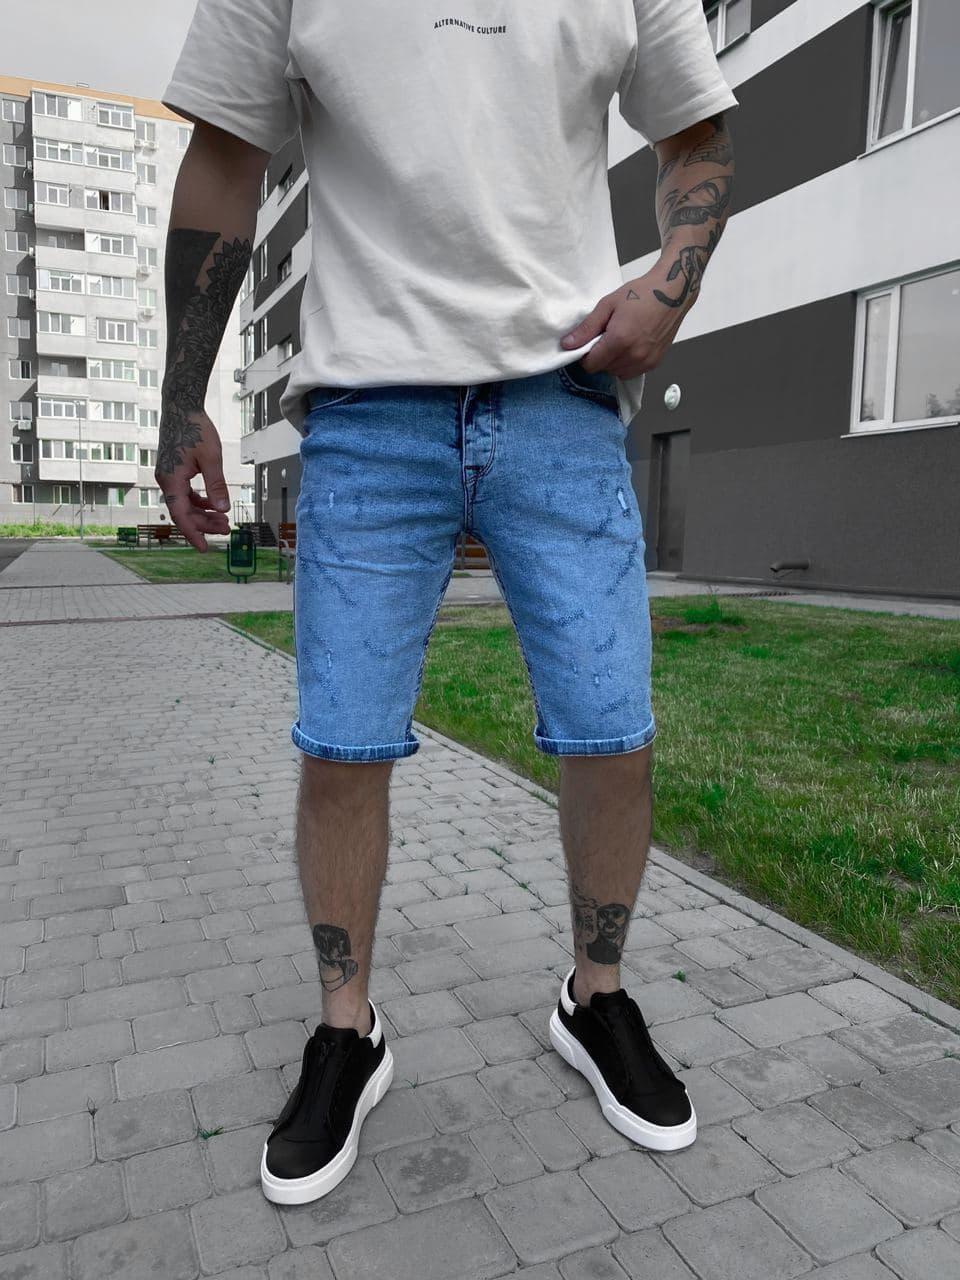 Шорты джинсовые мужские голубые. Мужские джинсовые модные шорты голубого цвета.